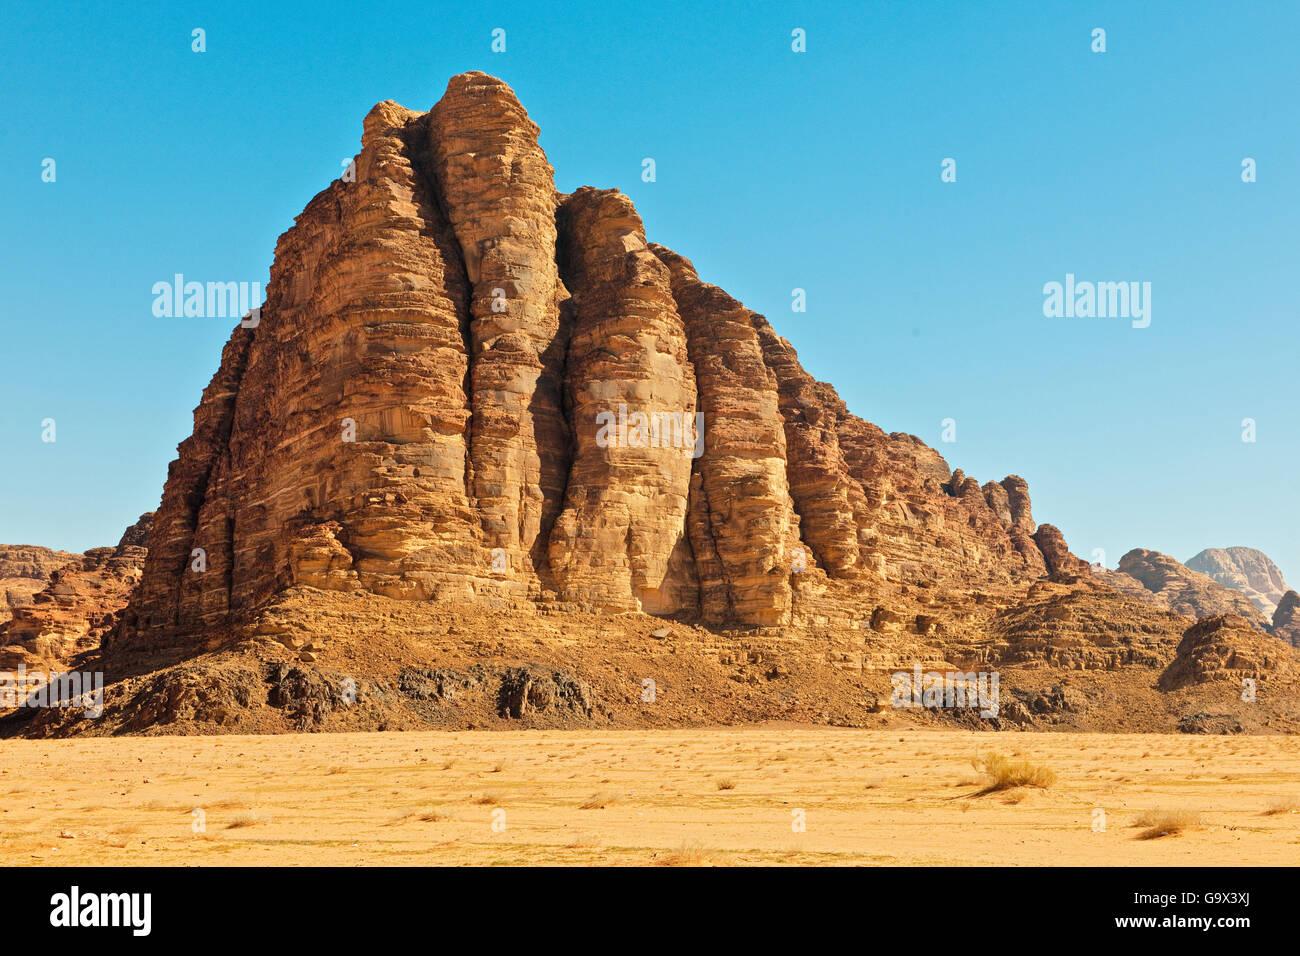 Seven Pillars of Wisdom, Wadi Rum, Jordan, Asia minor - Stock Image